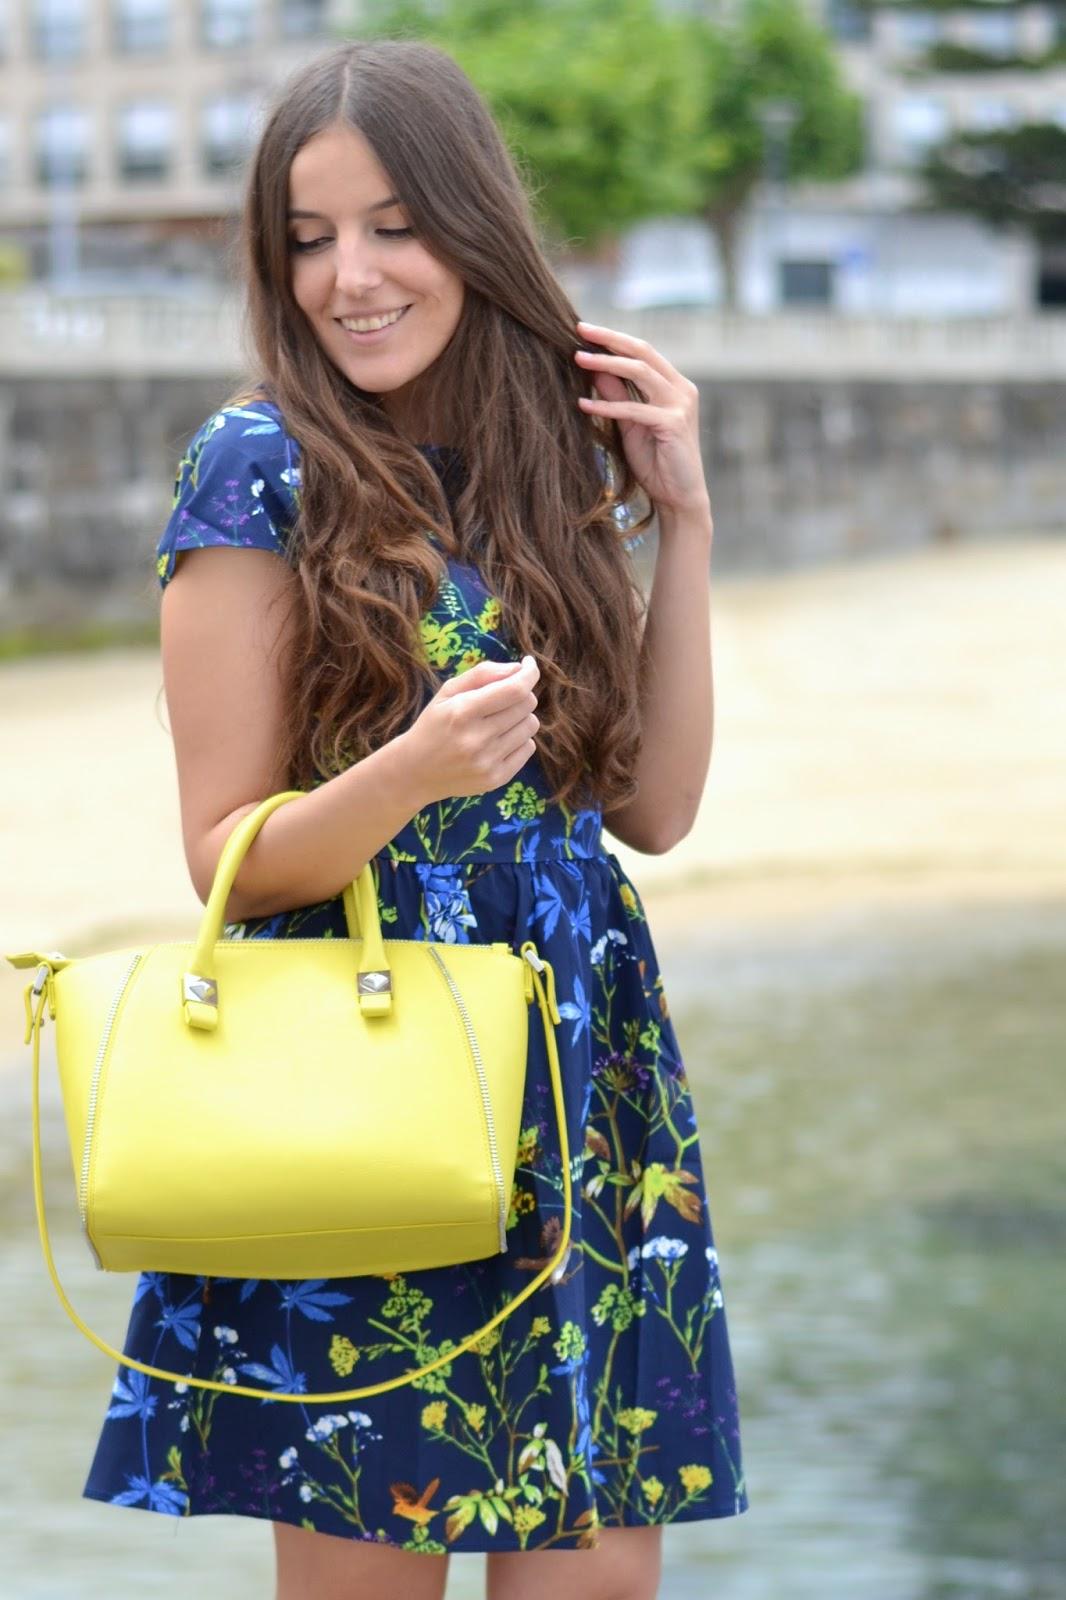 bolso amarillo y vestido azul